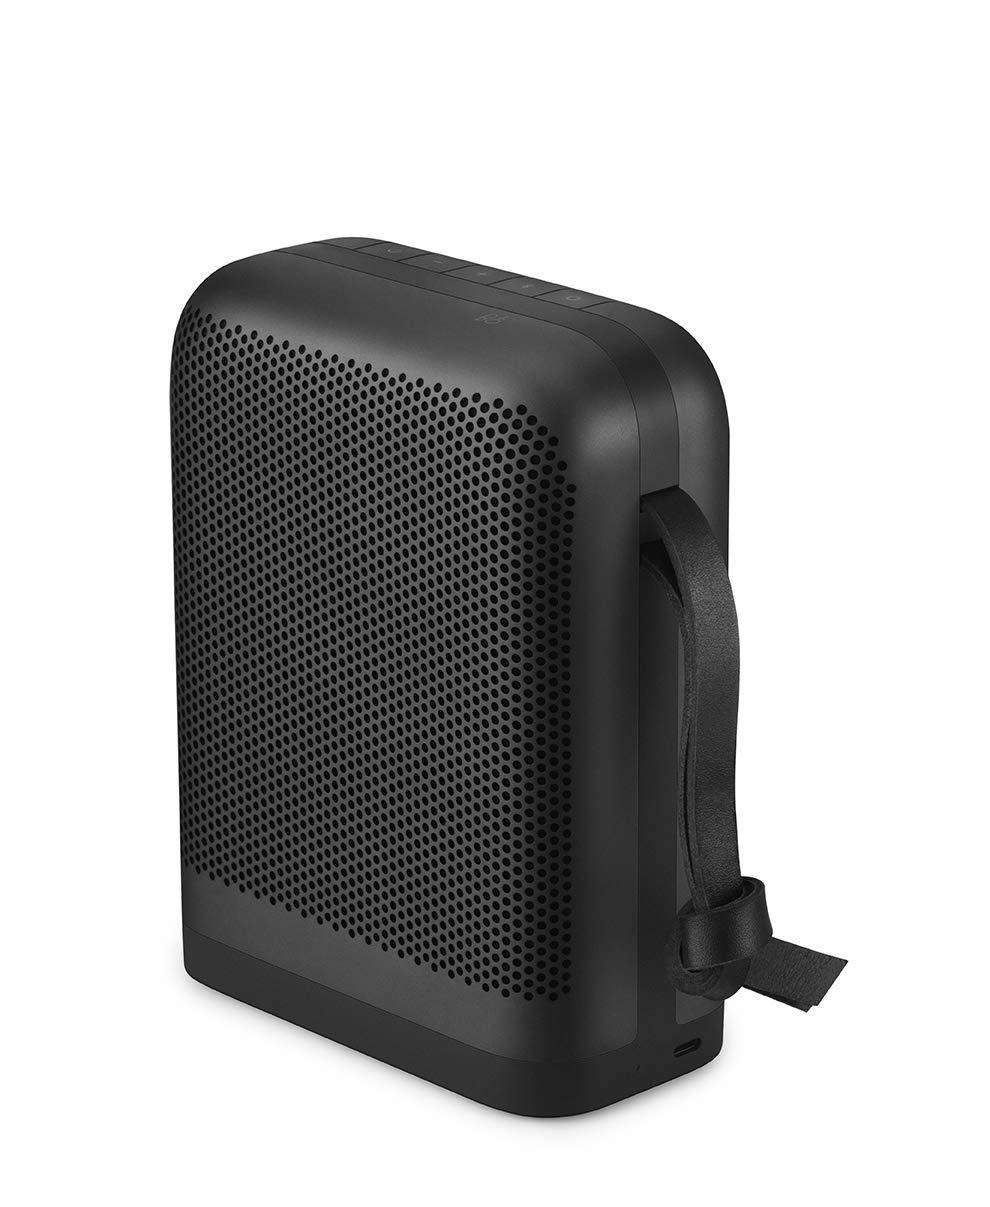 Bang & Olufsen Beoplay P6 Black Beoplay P6 Bluetooth Lautsprecher für 219,23€